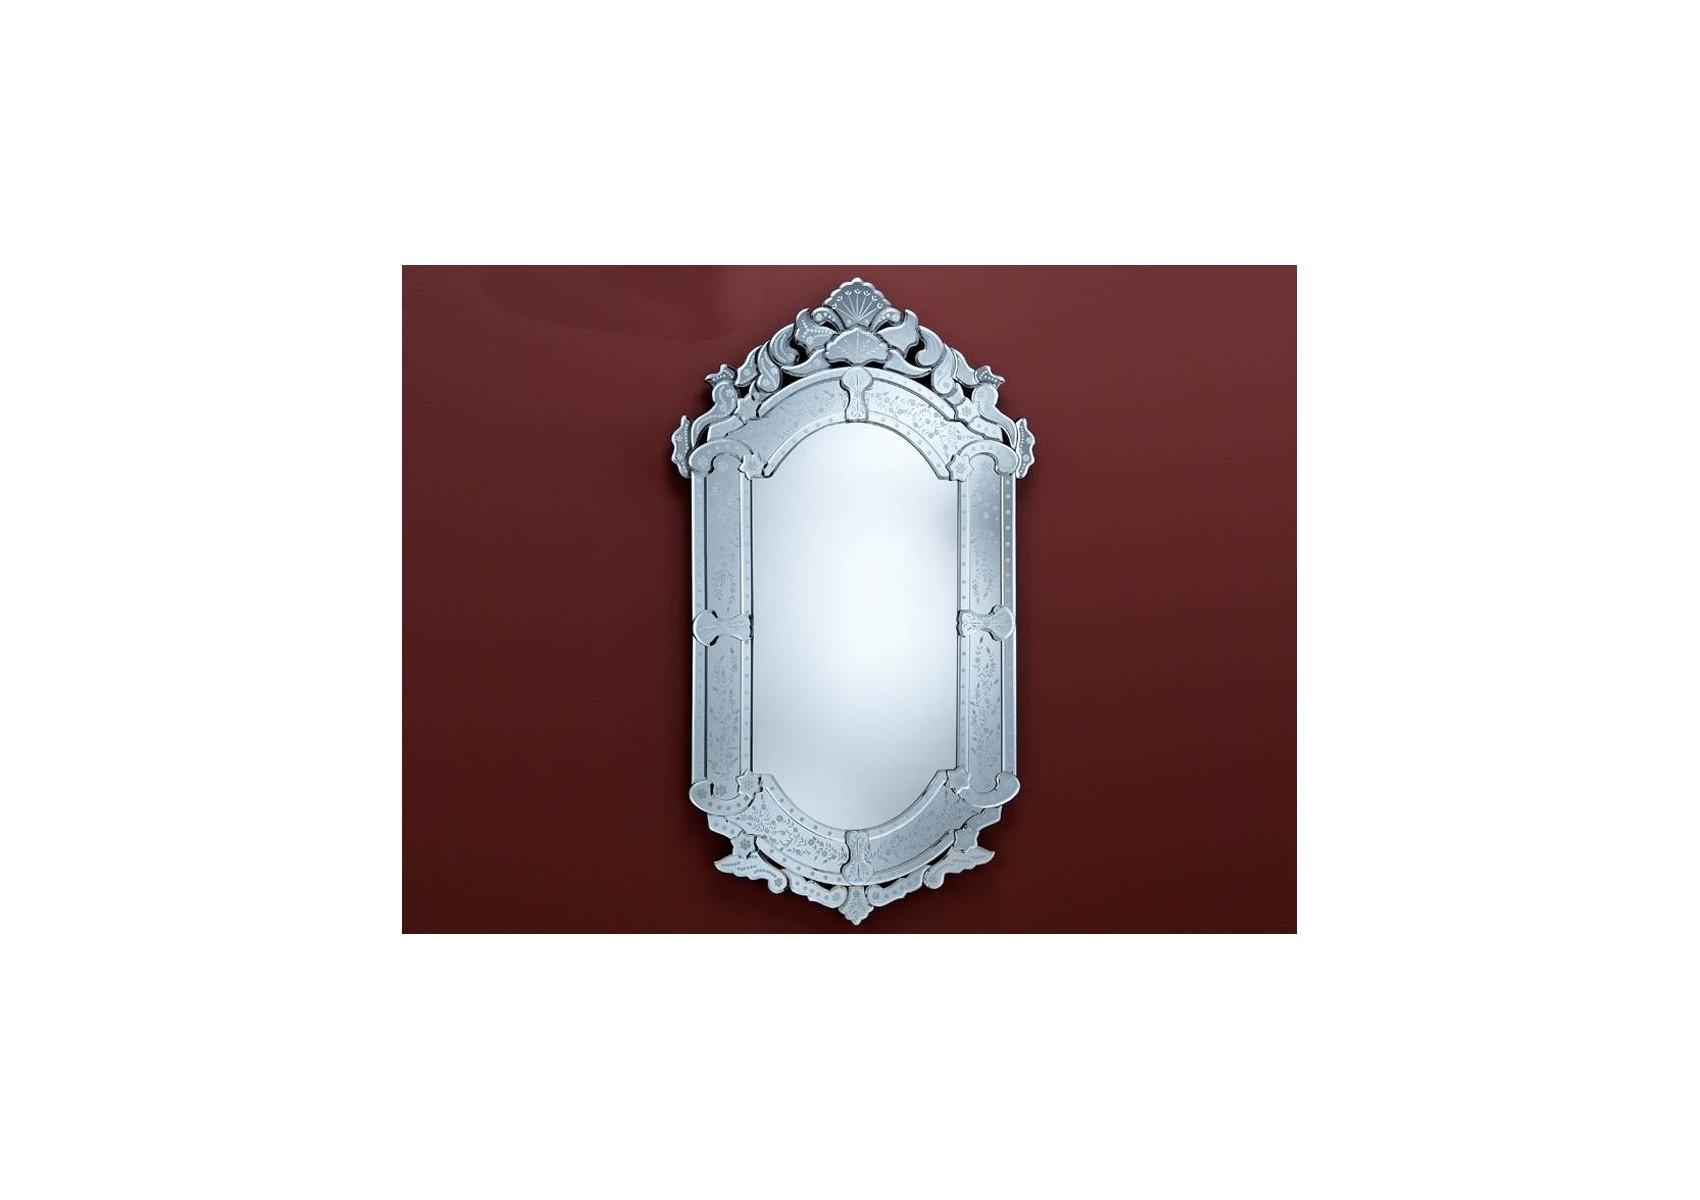 Miroir original design imperio deco schuller boite for Miroir original